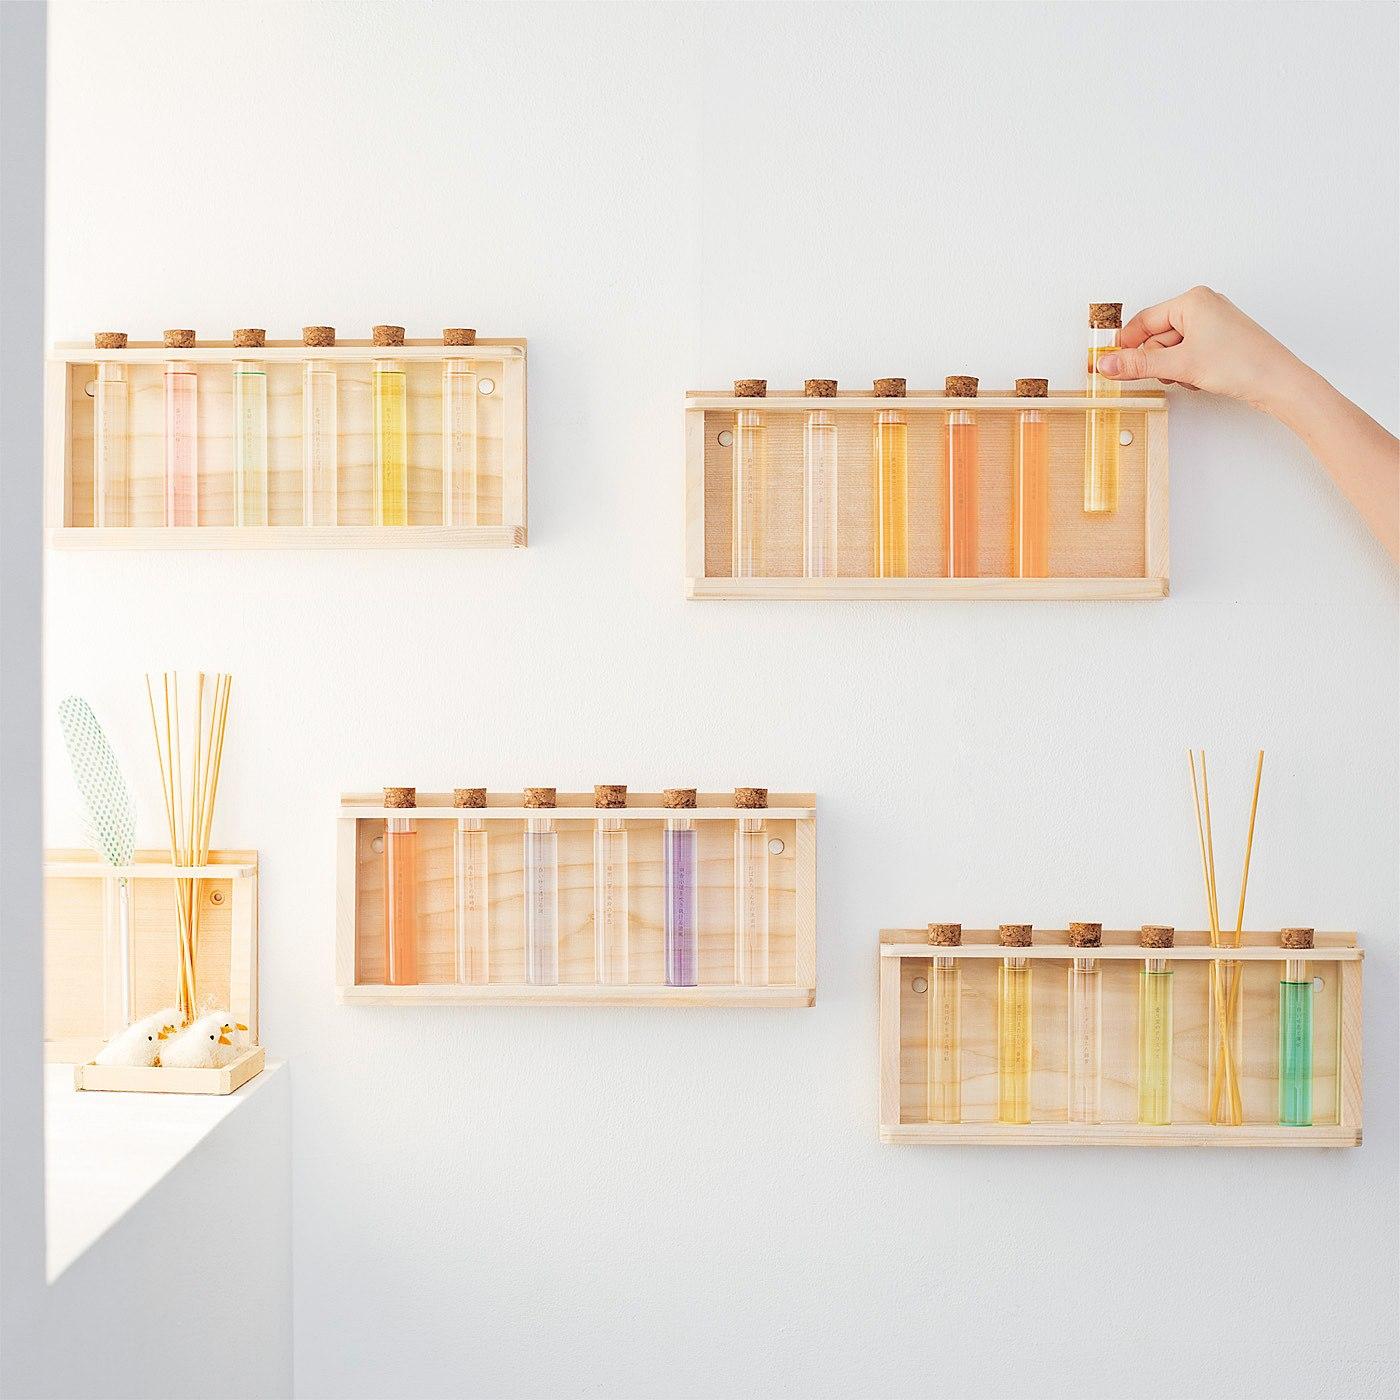 別売りのディスプレイラックを使えば、壁面に飾ることができます。